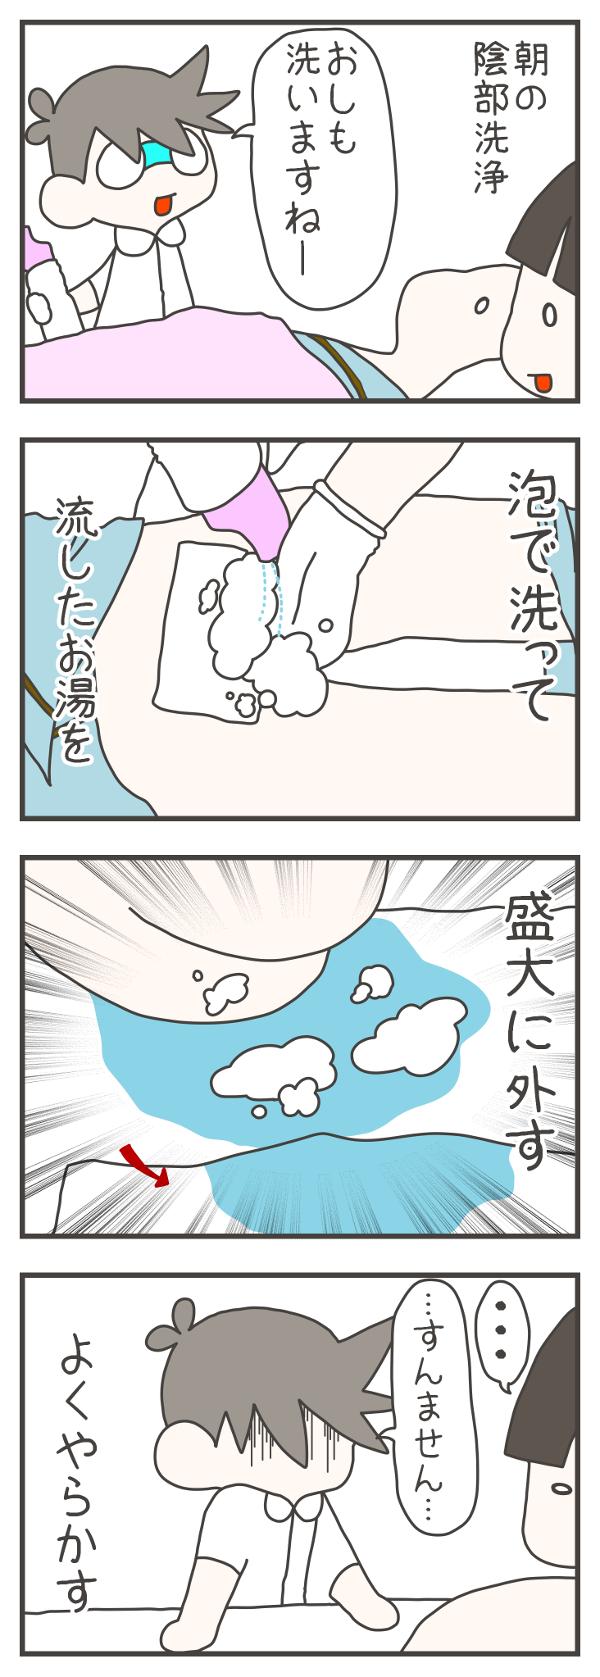 ある朝、ナスさんが、患者さんの陰部洗浄を行っています。洗浄中、泡で洗って流したお湯を、盛大に外してしまうときがあります…。